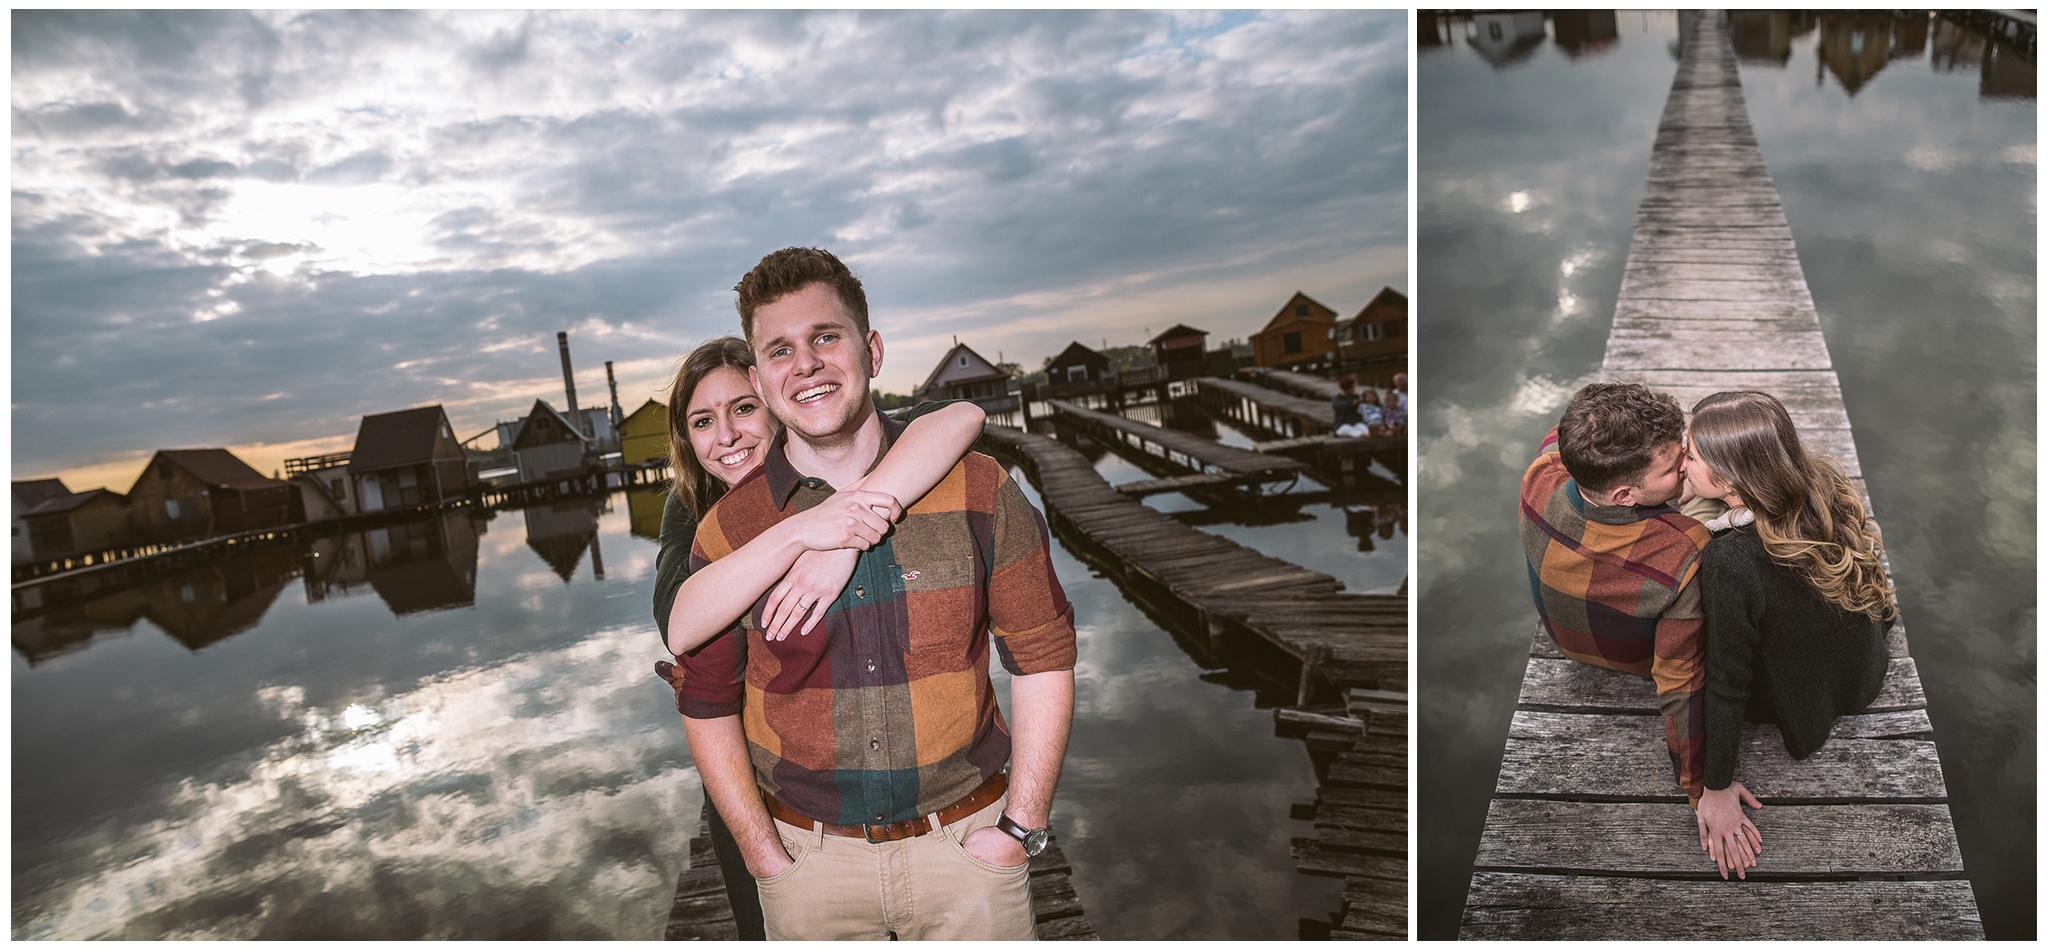 FylepPhoto, esküvőfotózás, magyarország, esküvői fotós, vasmegye, prémium, jegyesfotózás, Fülöp Péter, körmend, kreatív, tihany, Bokod_ 06.jpg